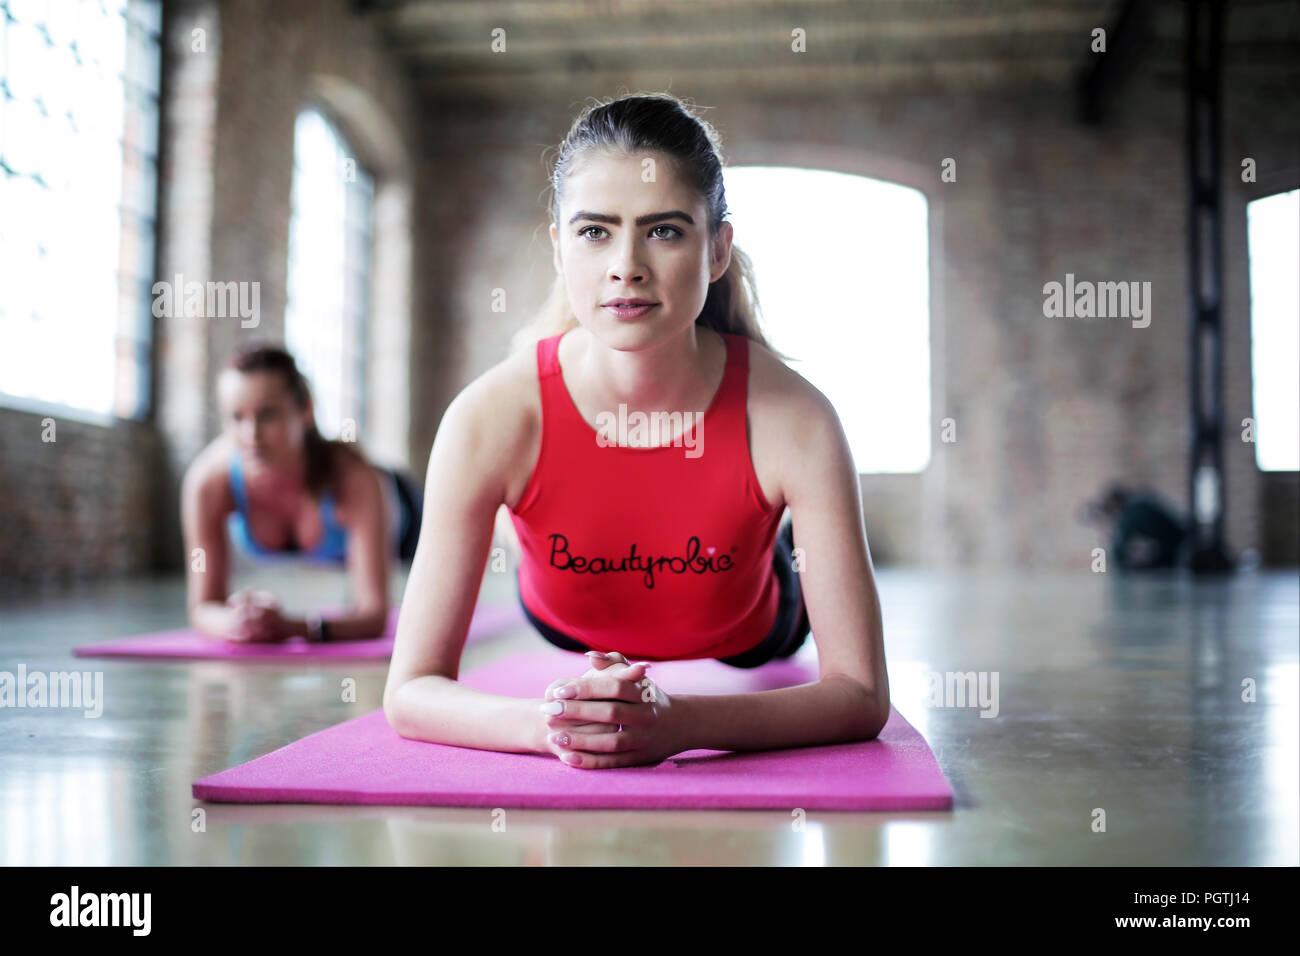 Disfruta de hermosas mujeres ejercicios aeróbicos en el gimnasio, mujeres ejercitarse en el gimnasio antes de mat formación Imagen De Stock